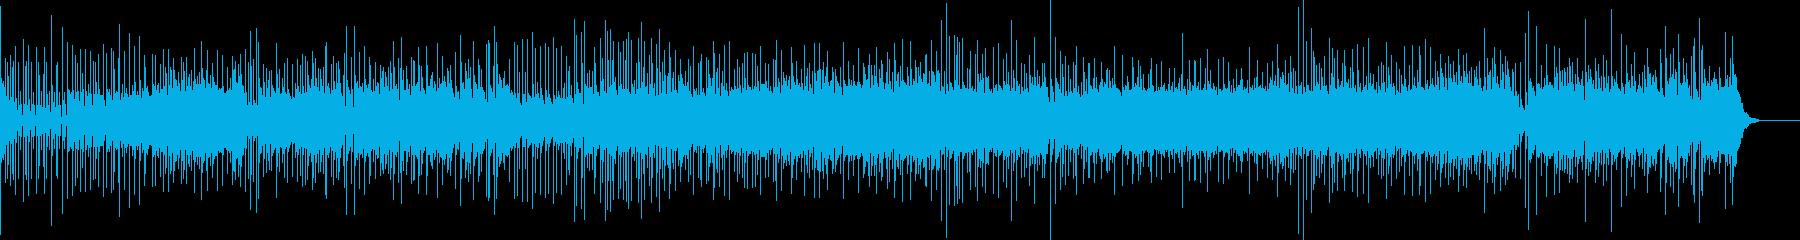 スピード感のあるフュージョンの再生済みの波形